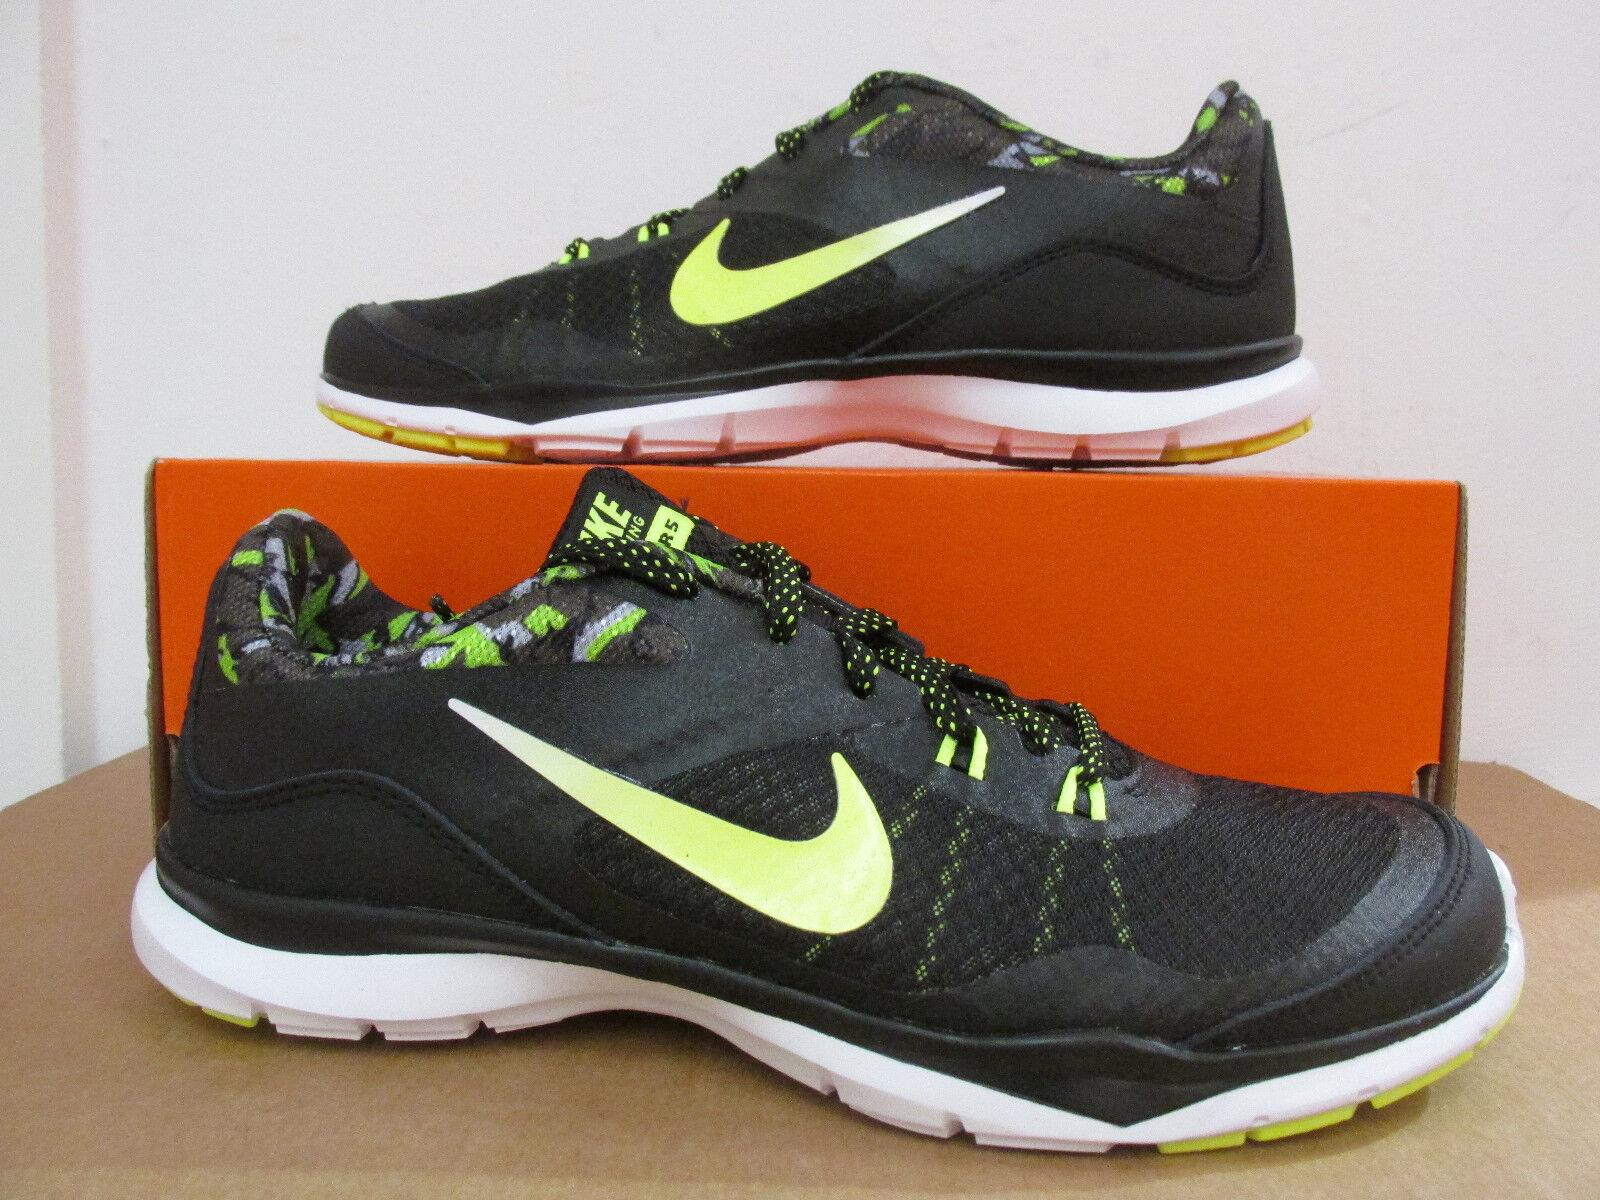 Nike Damen Flex Trainer 5 Aufdruck Räumung Laufschuhe 749184 011 Sneakers Räumung Aufdruck 4657c7